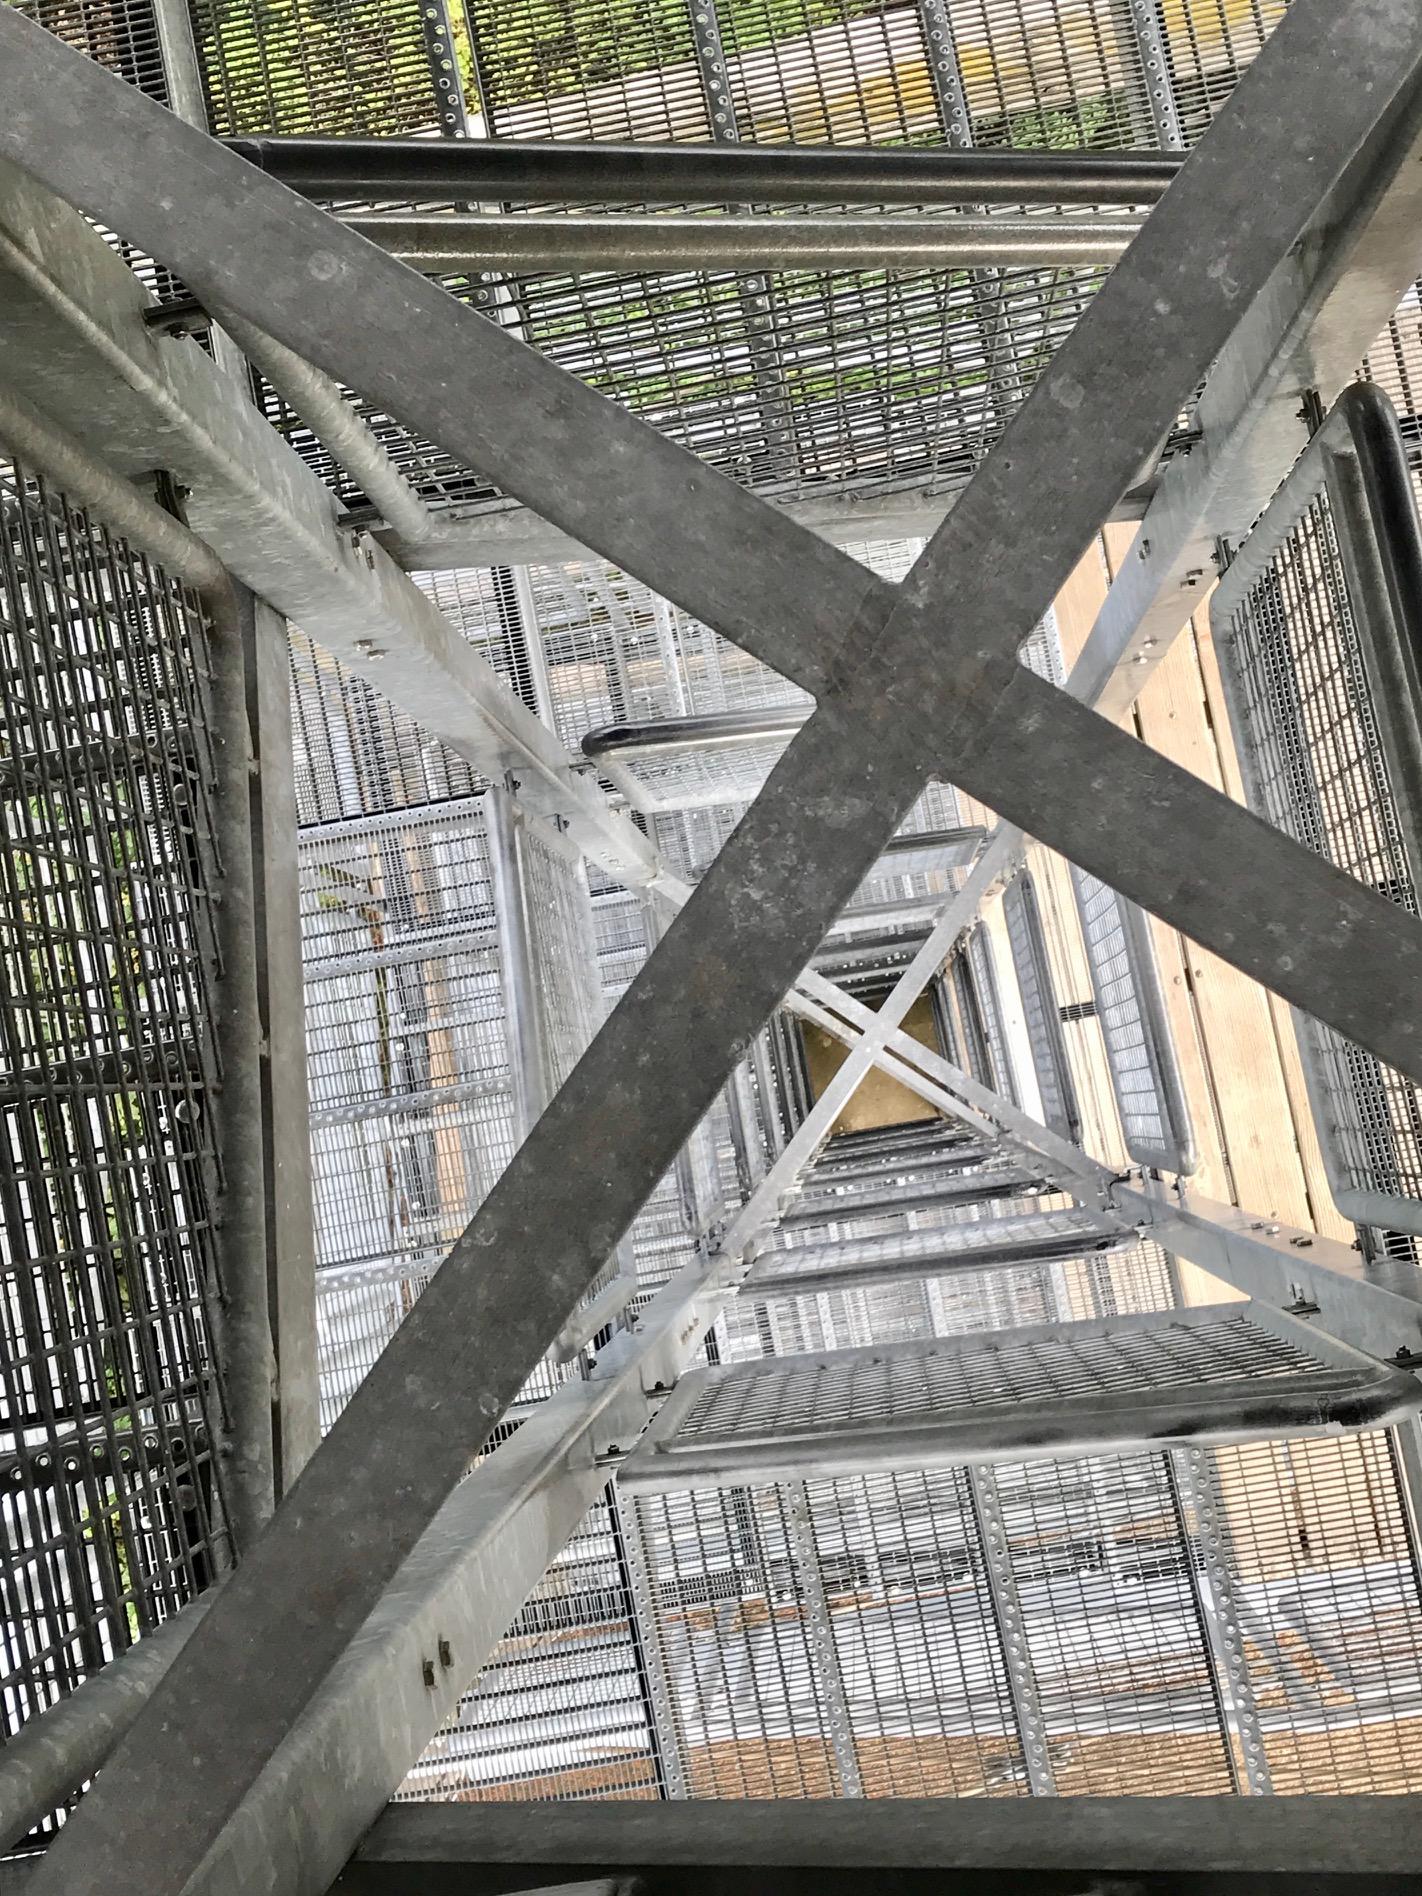 Aussichtsturm Aalbäumle am Albsteig HW1, Etappe Unterkochen Heubach